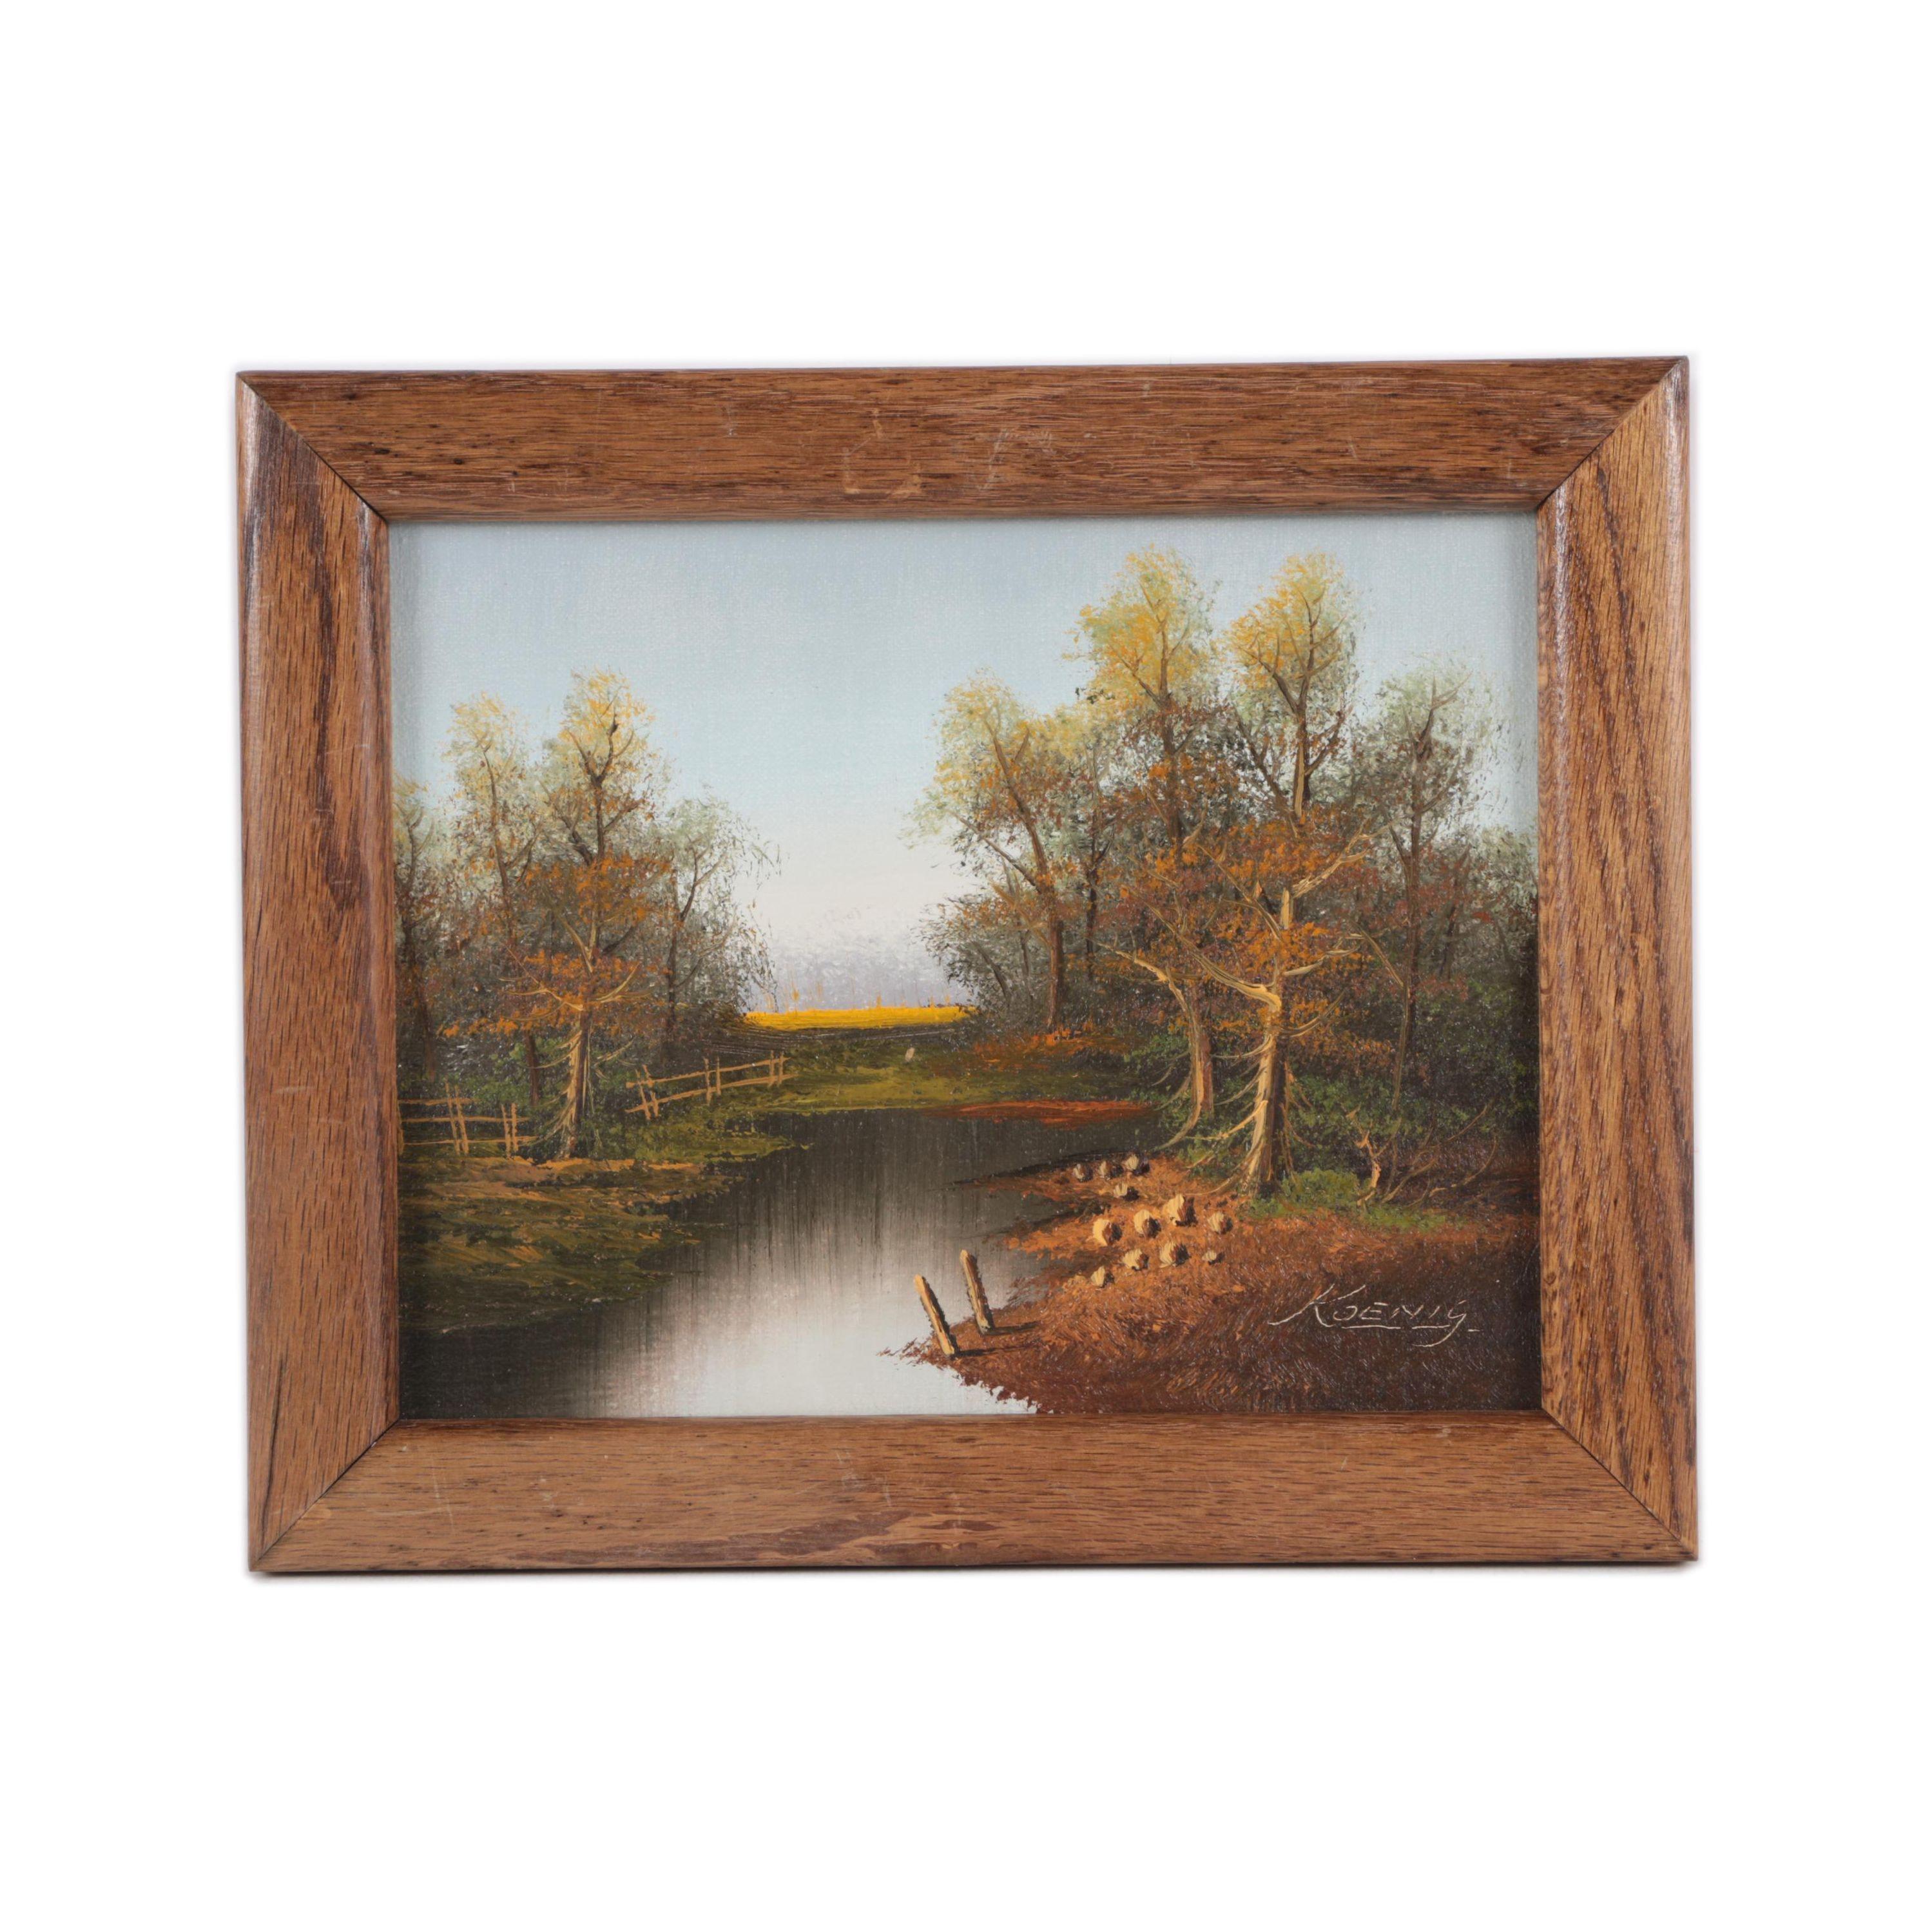 Koenig Oil Painting on Canvas Landscape